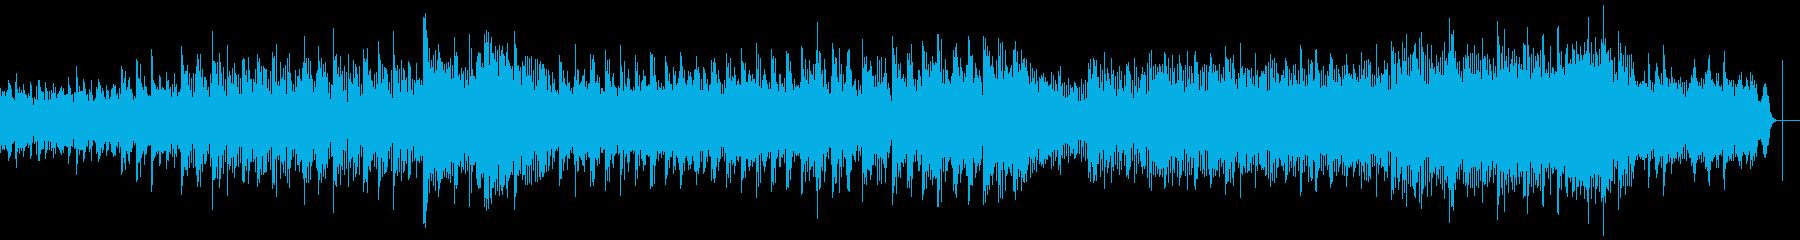 モダンで爽やかな多重奏の再生済みの波形